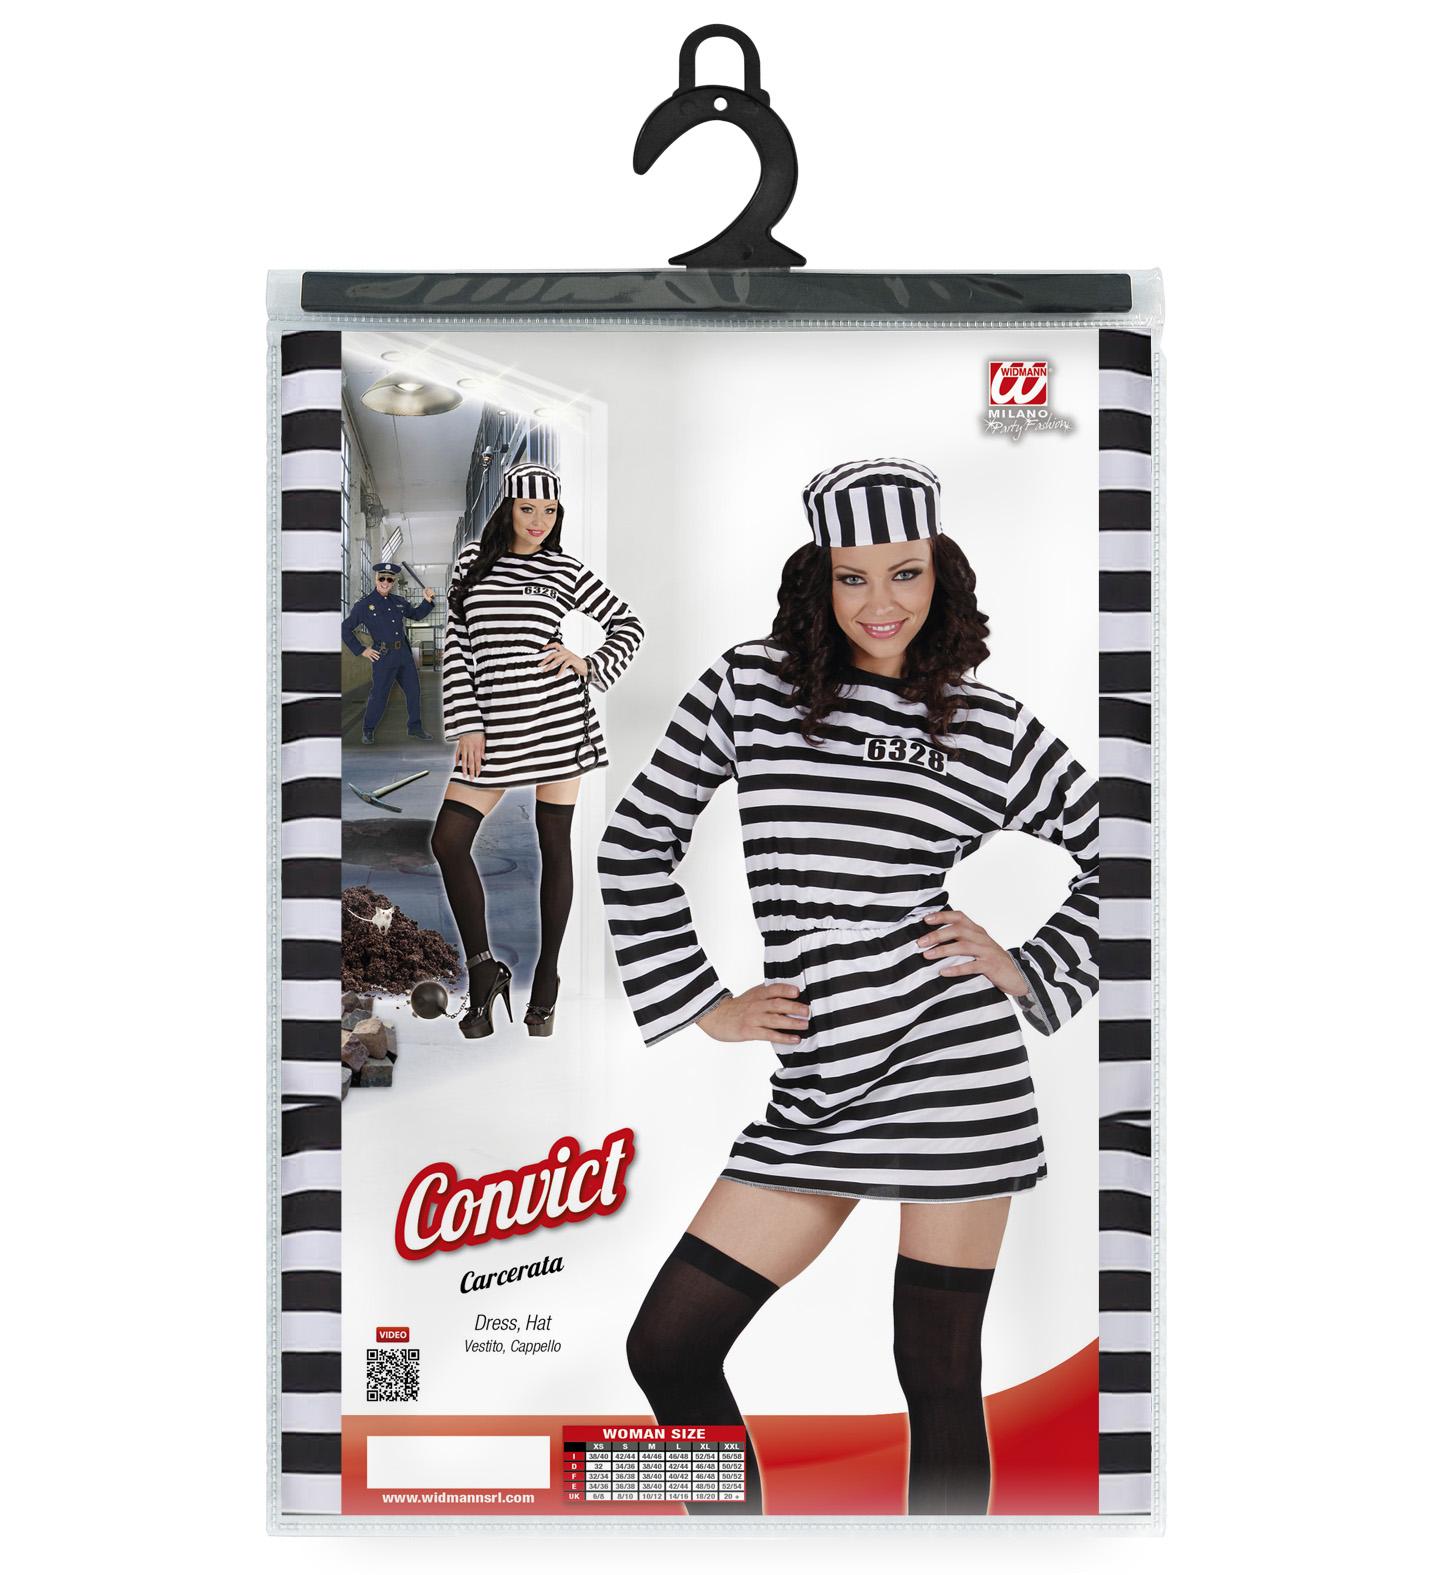 Femmes Prisonnier Costume Lady détenu prisonnier bagnard Death Row Criminal robe fantaisie